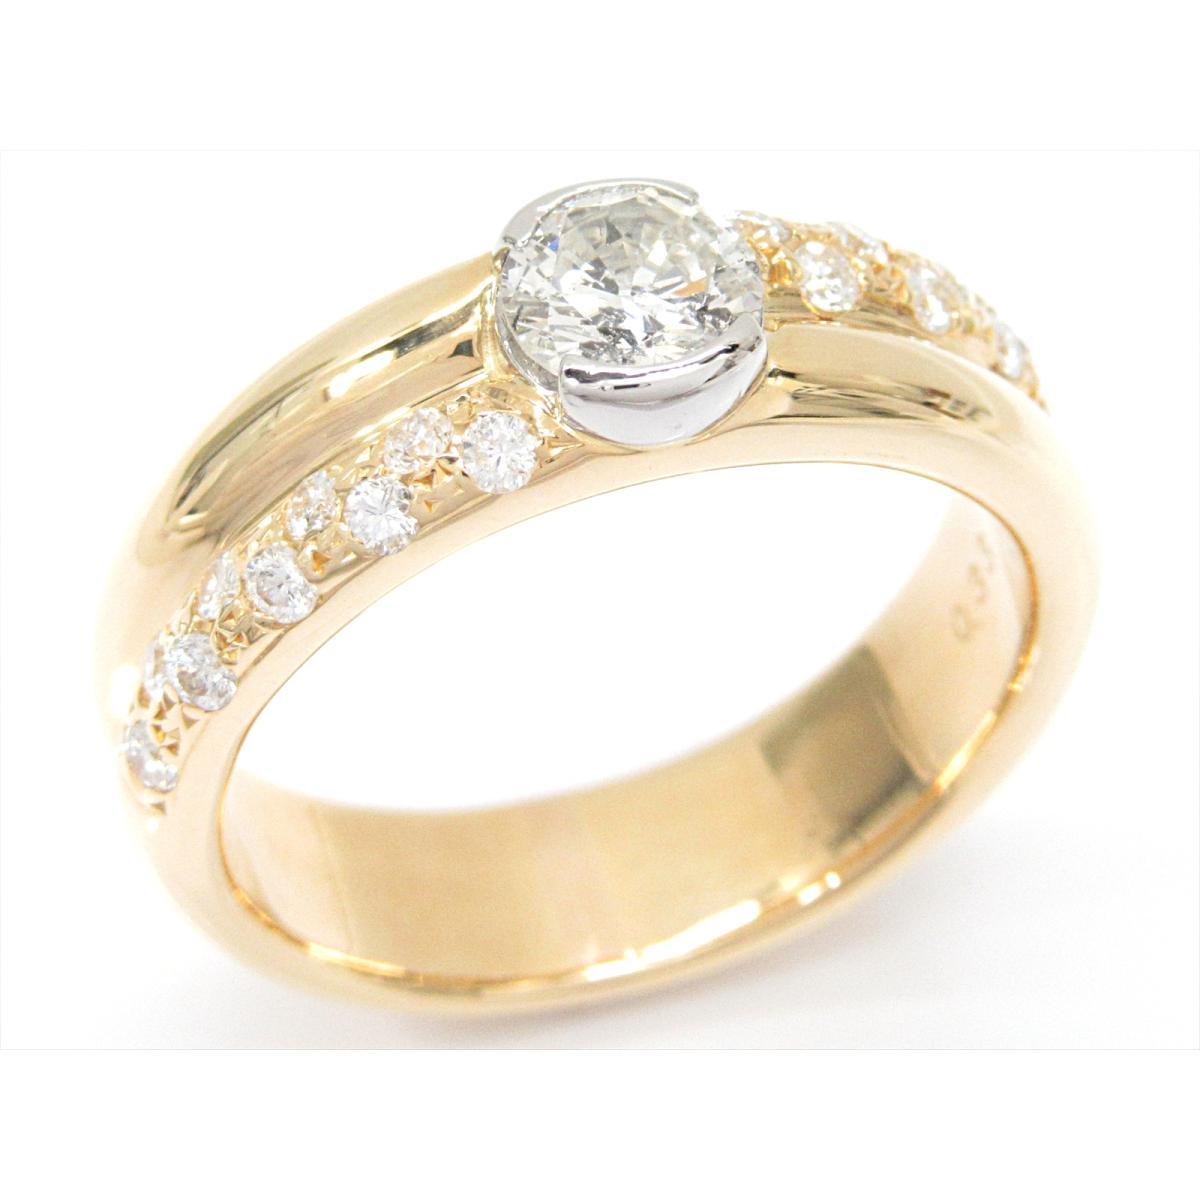 ジュエリー ダイヤモンドリング 指輪 ノーブランドジュエリー レディース K18YG (750) イエローゴールドxPT900 (プラチナ) xダイヤモンド (0.53/0.33ct) 【中古】 | JEWELRY BRANDOFF ブランドオフ アクセサリー リング